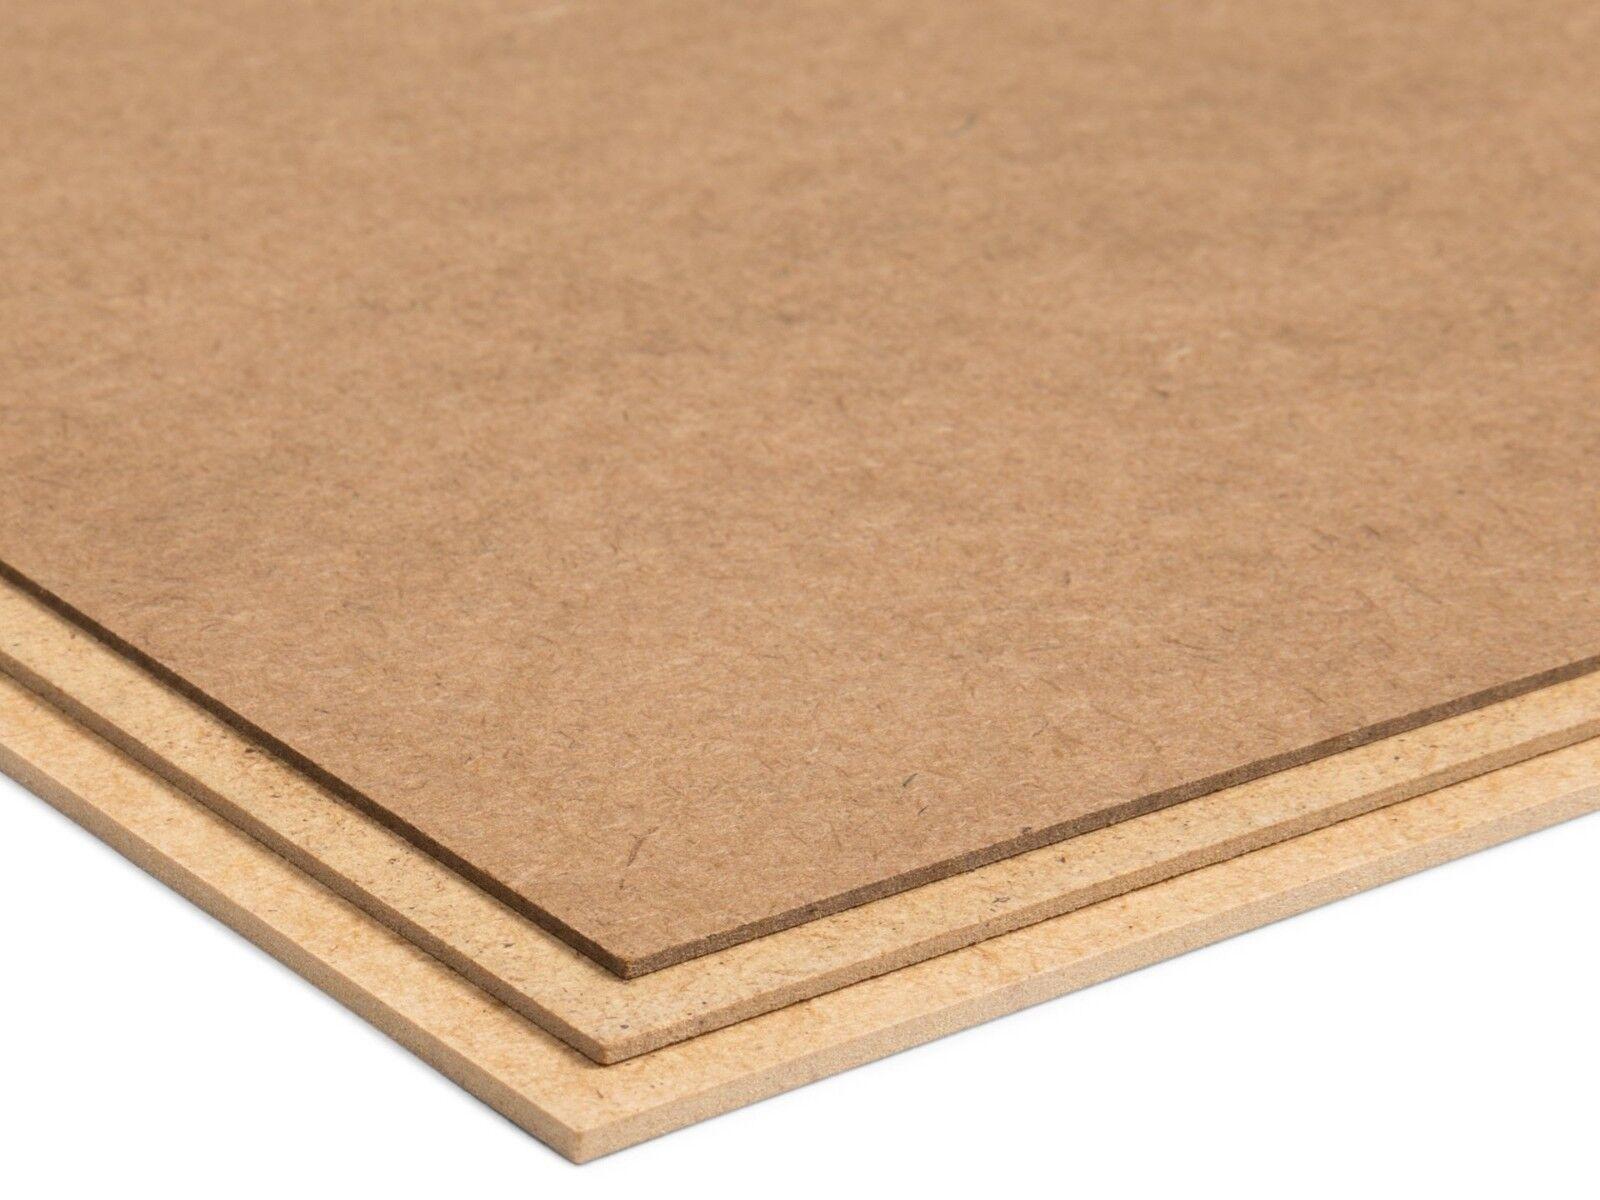 Pannelli Fibra Di Legno dettagli su mdf, pannello in fibra di legno a media densità  spessori 22  - 25 - 30mm